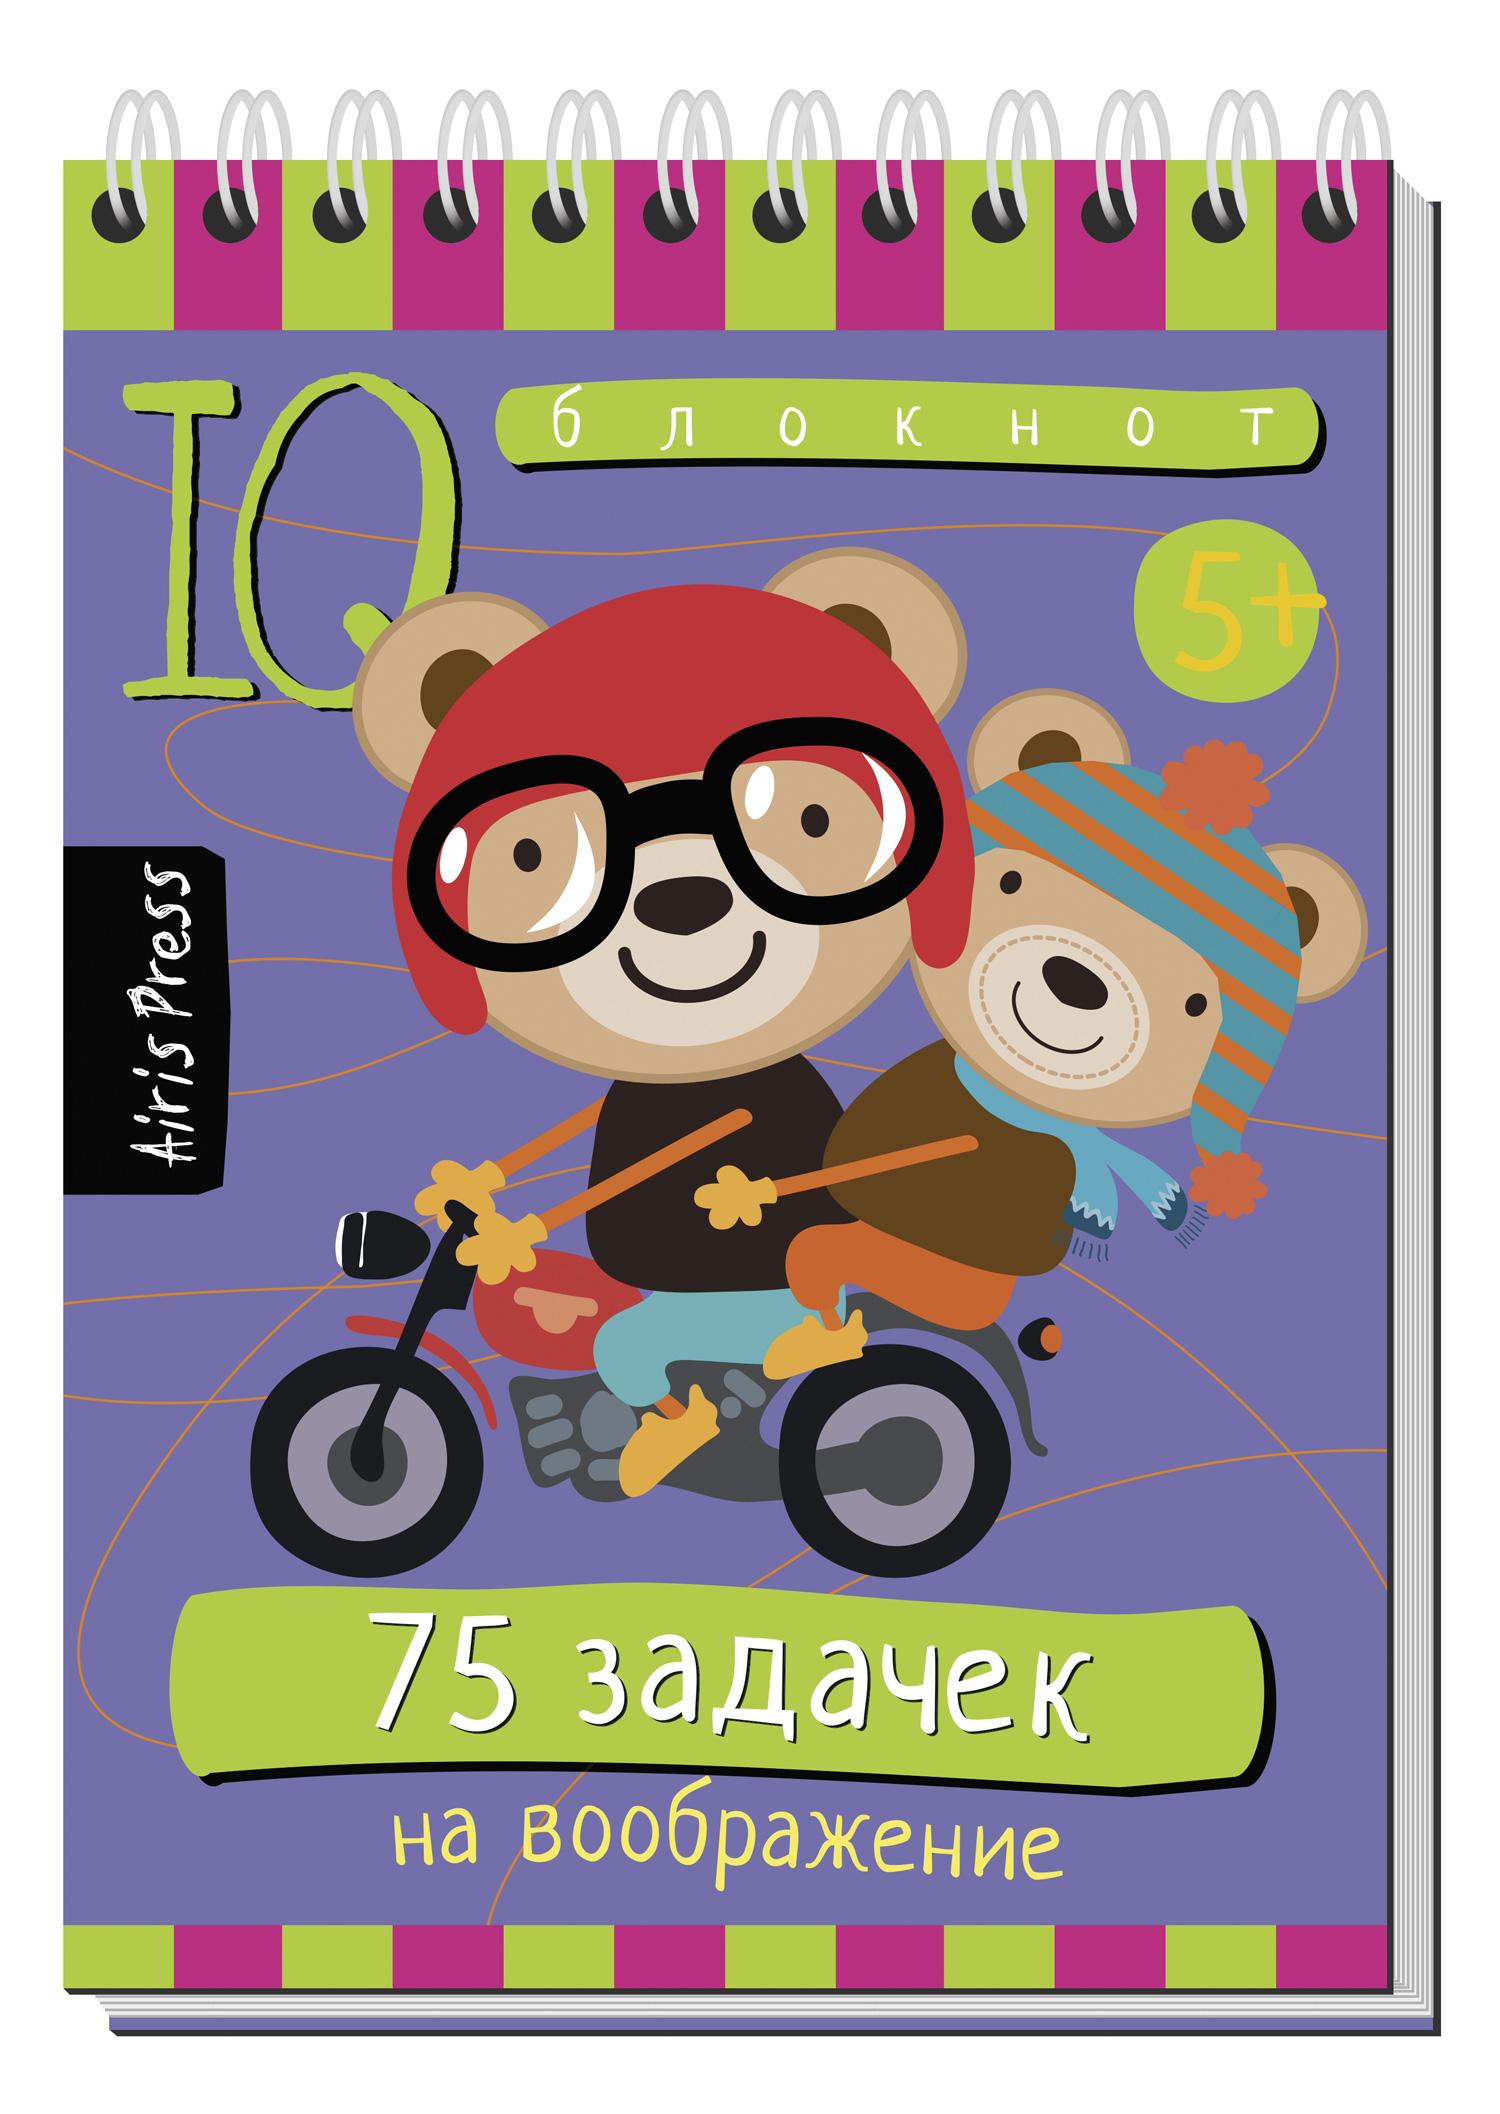 Купить АЙРИС-ПРЕСС Умный блокнот. 75 задачек на воображение [25543], Обучающие материалы и авторские методики для детей